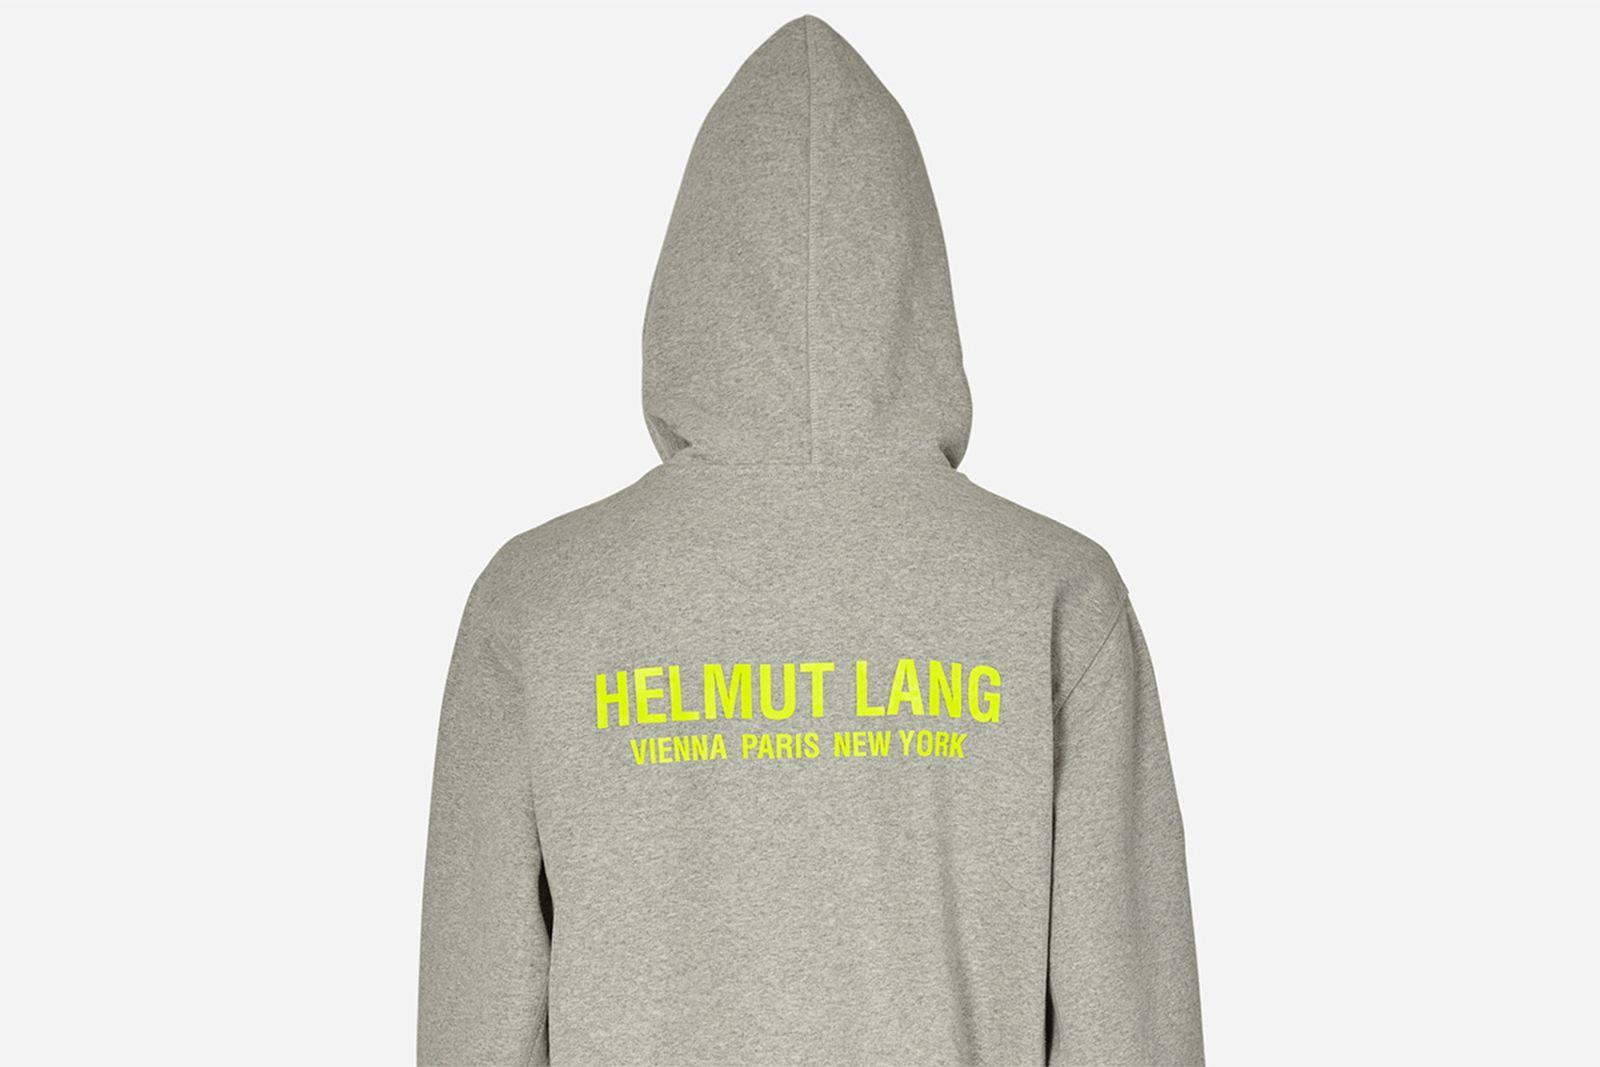 hoodies-on-sale-01